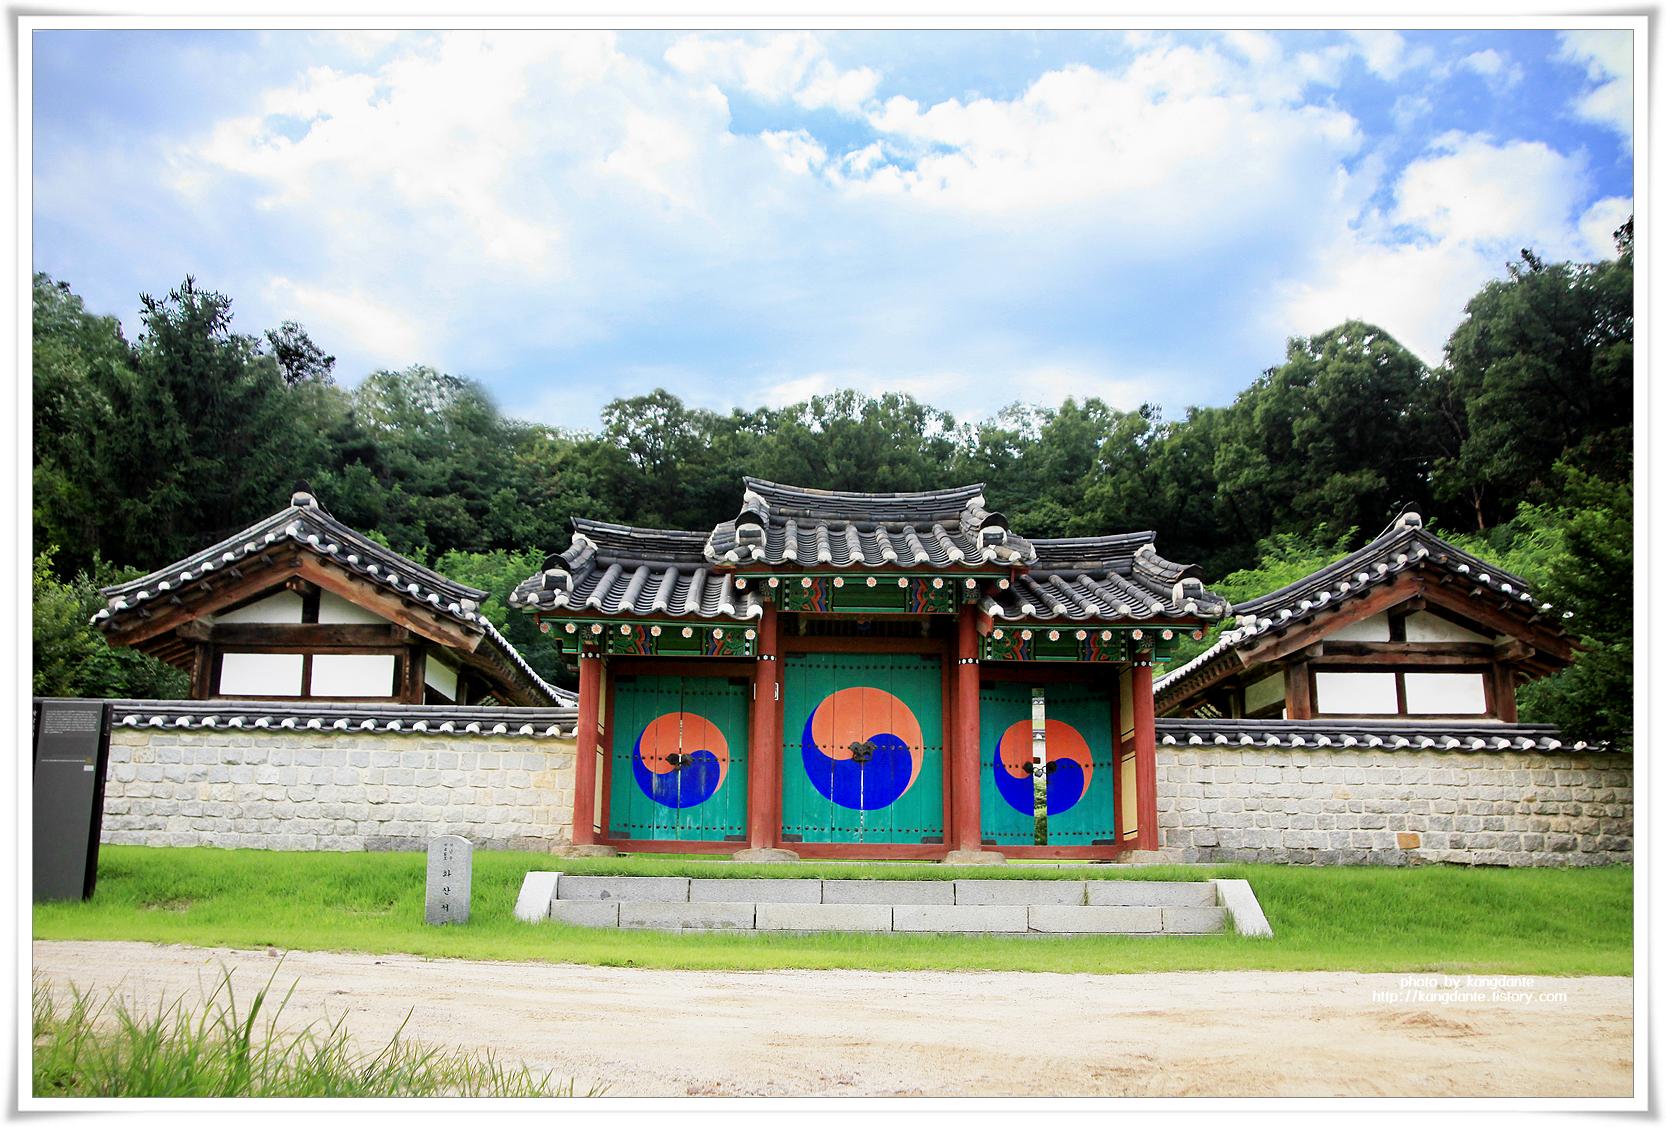 이항복(李恒福)의 학문과 덕행을 추모하는 화산서원(花山書院)